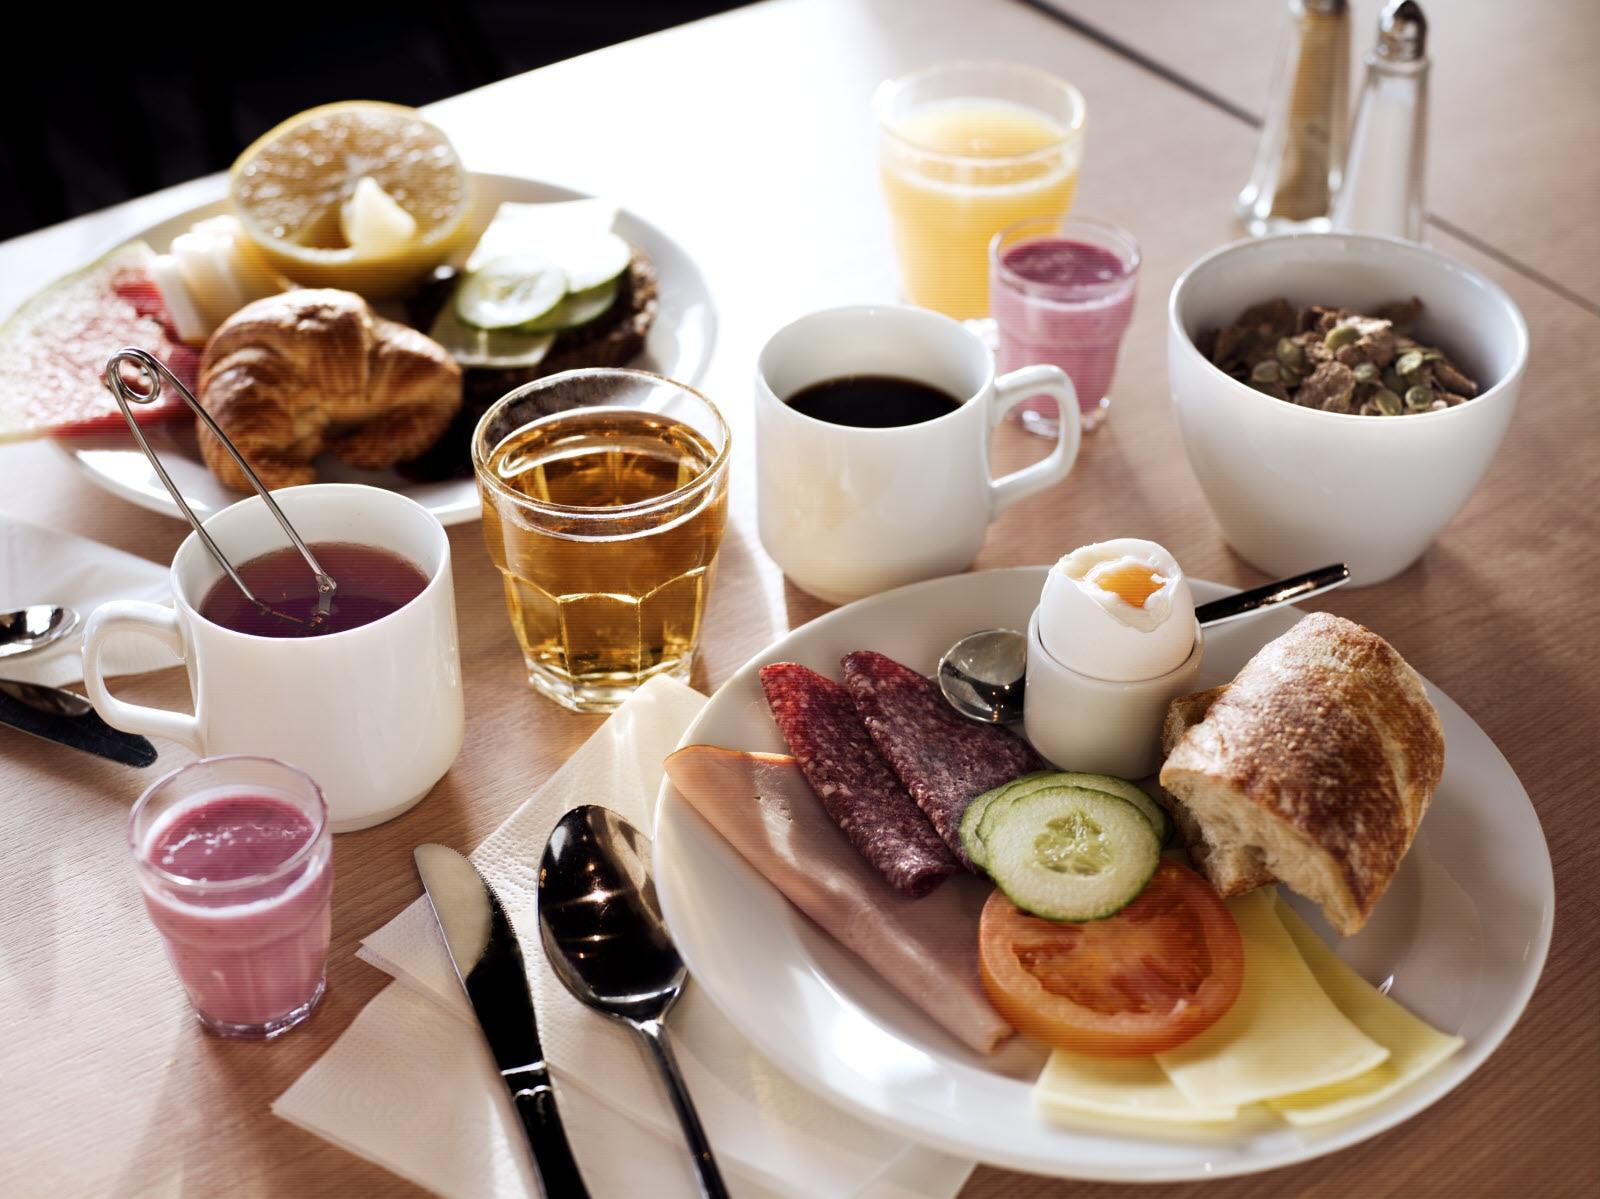 scandic kramer frukost